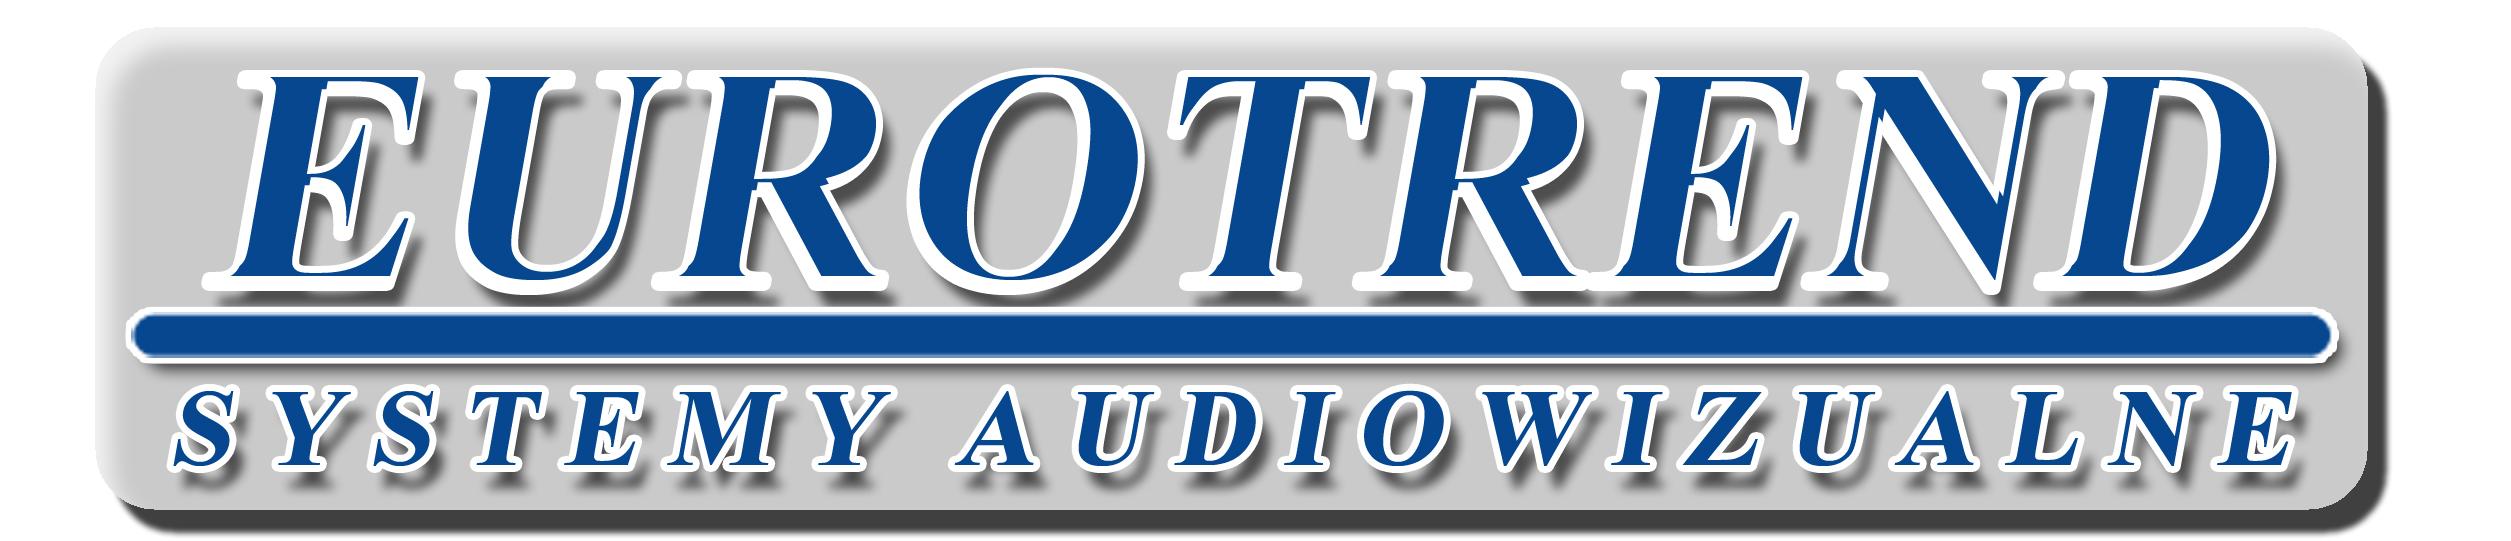 Eurotrend Systemy Audiowizualne, Sp. z o.o., Gdynia